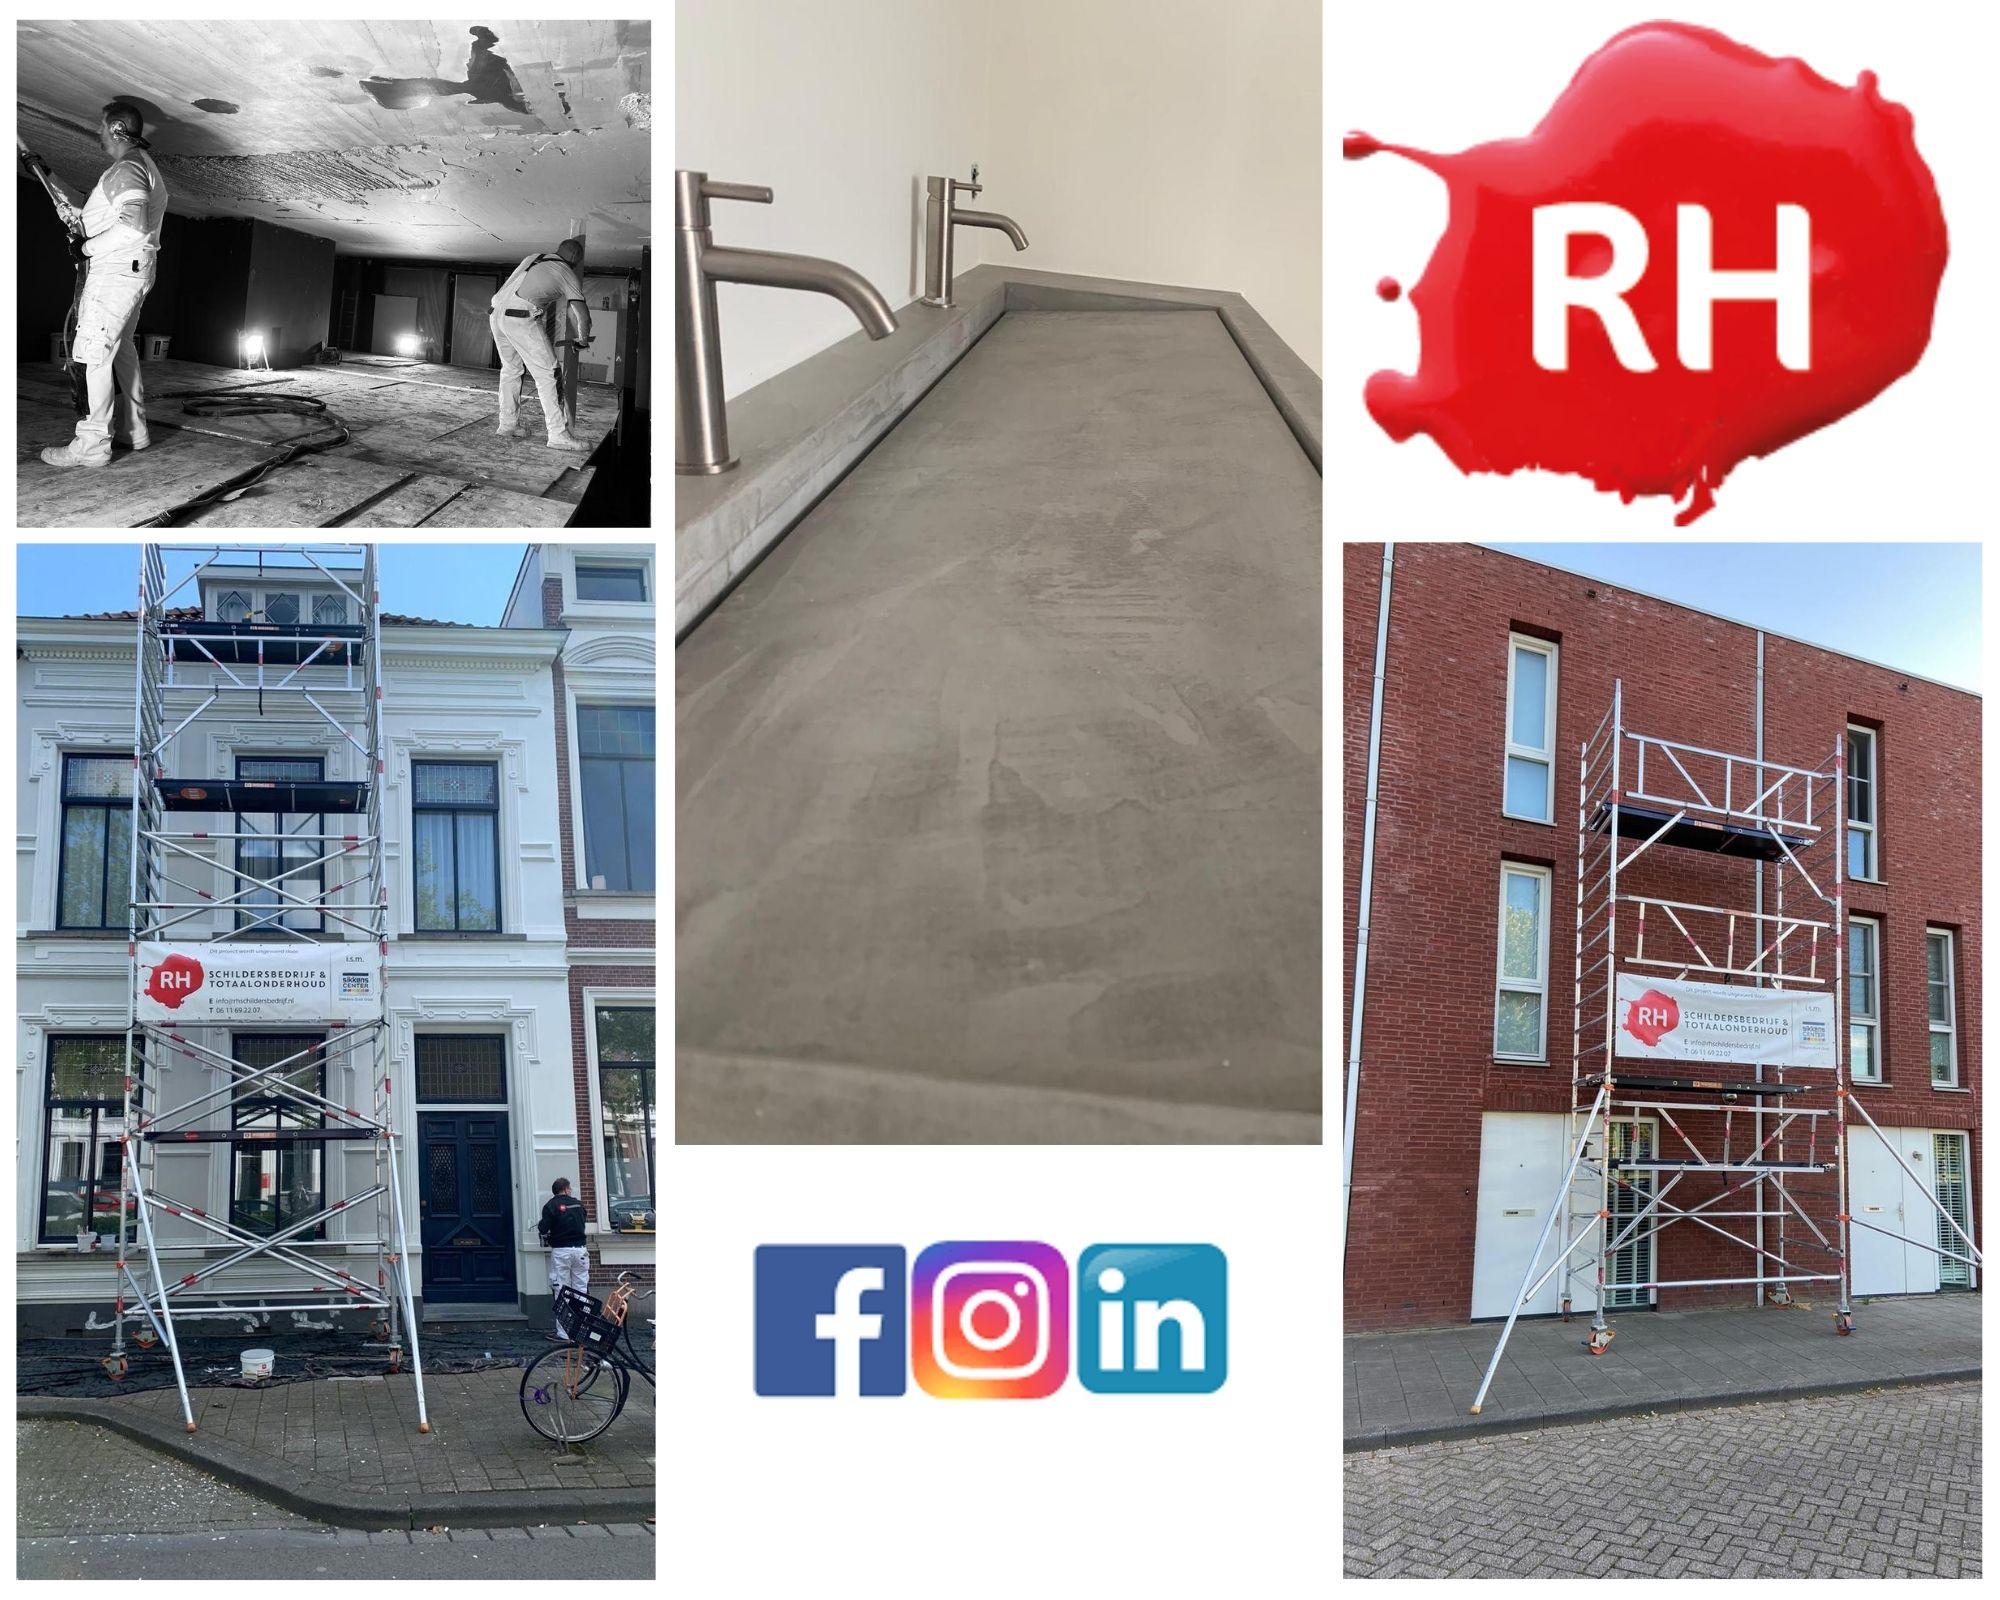 Social Media beheer voor RH schildersbedrijf en totaalonderhoud